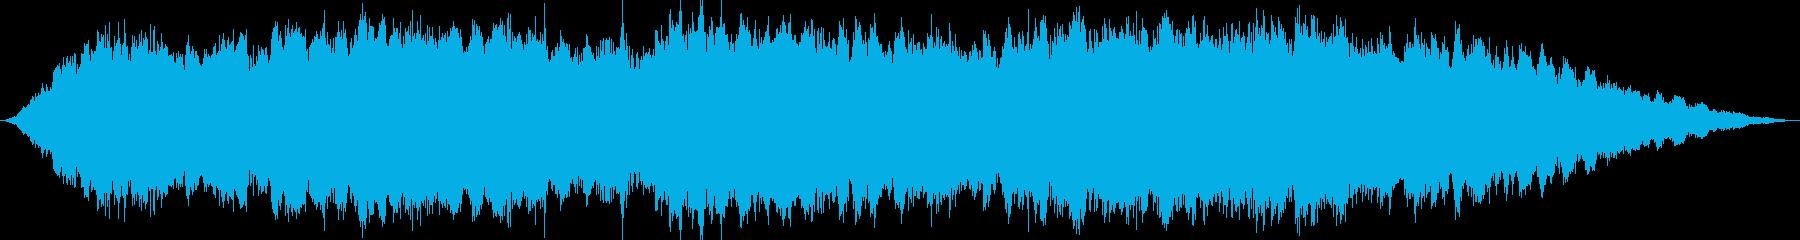 夢の中をイメージしたBGMの再生済みの波形